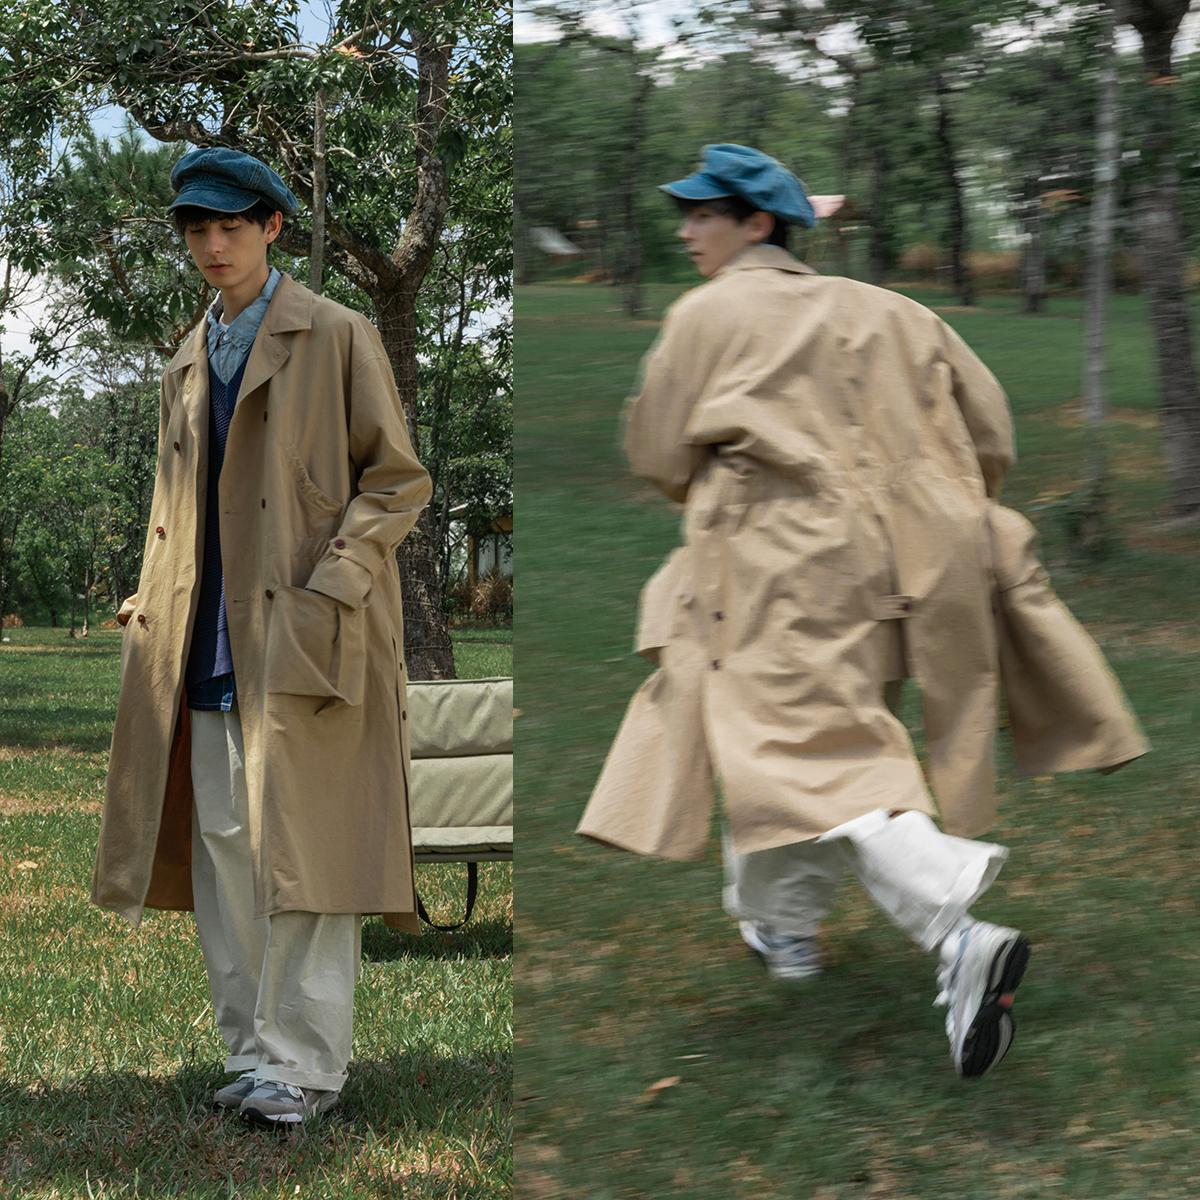 风衣外套男衣柜里请给它留个位置蒙马特先生日系长款收腰大衣